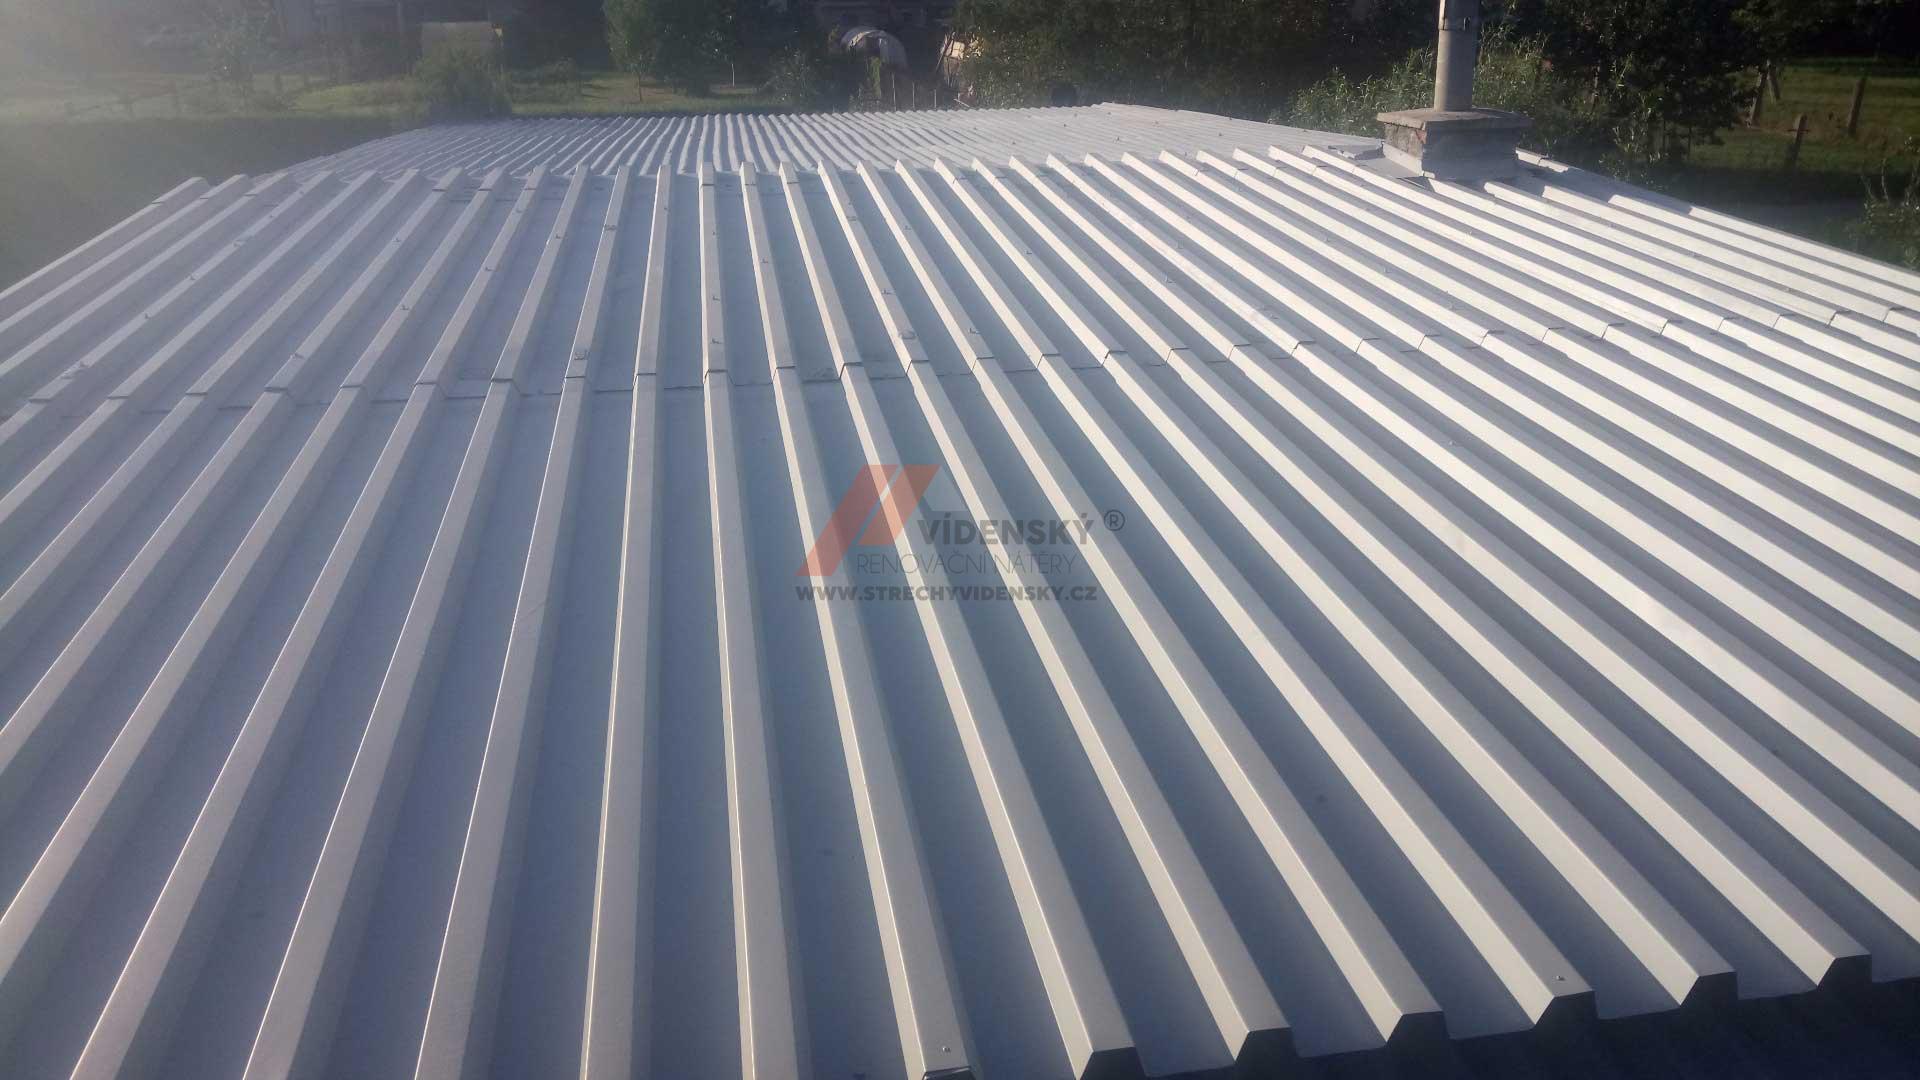 Vídenský | Renovační nátěr plechové střechy 10 - Po renovaci